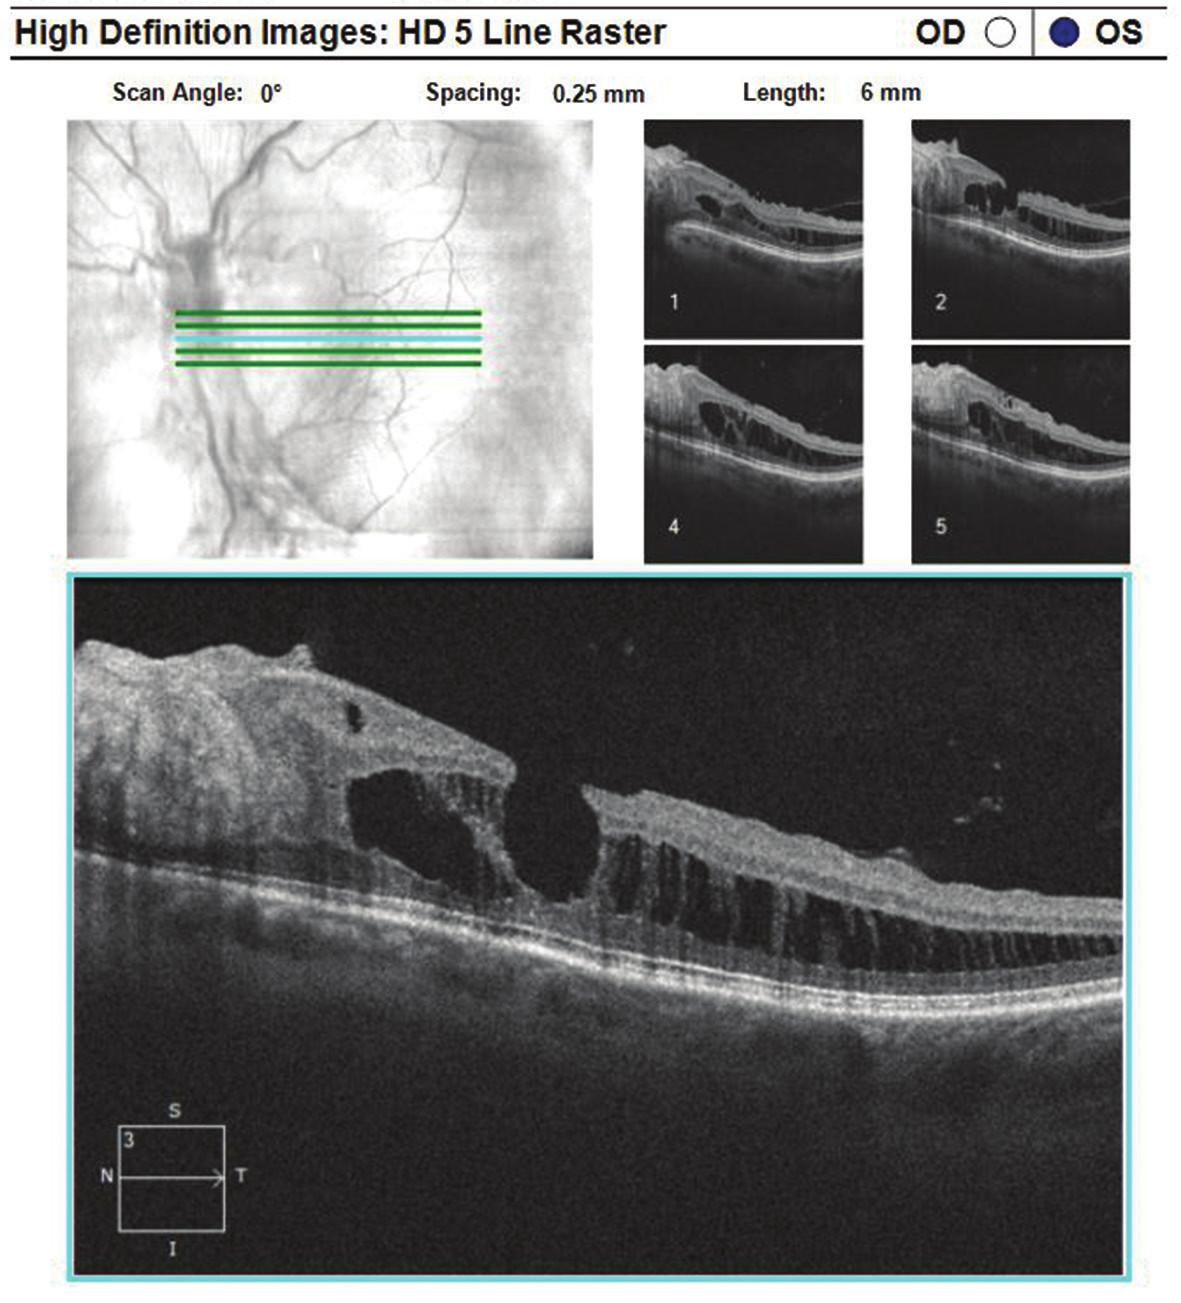 Optická koherenční tomografie levého oka: rozestup vrstev sítnice při dolní temporální arkádě s epiretinální fibrózou a defektem lamelárních vrstev sítnice